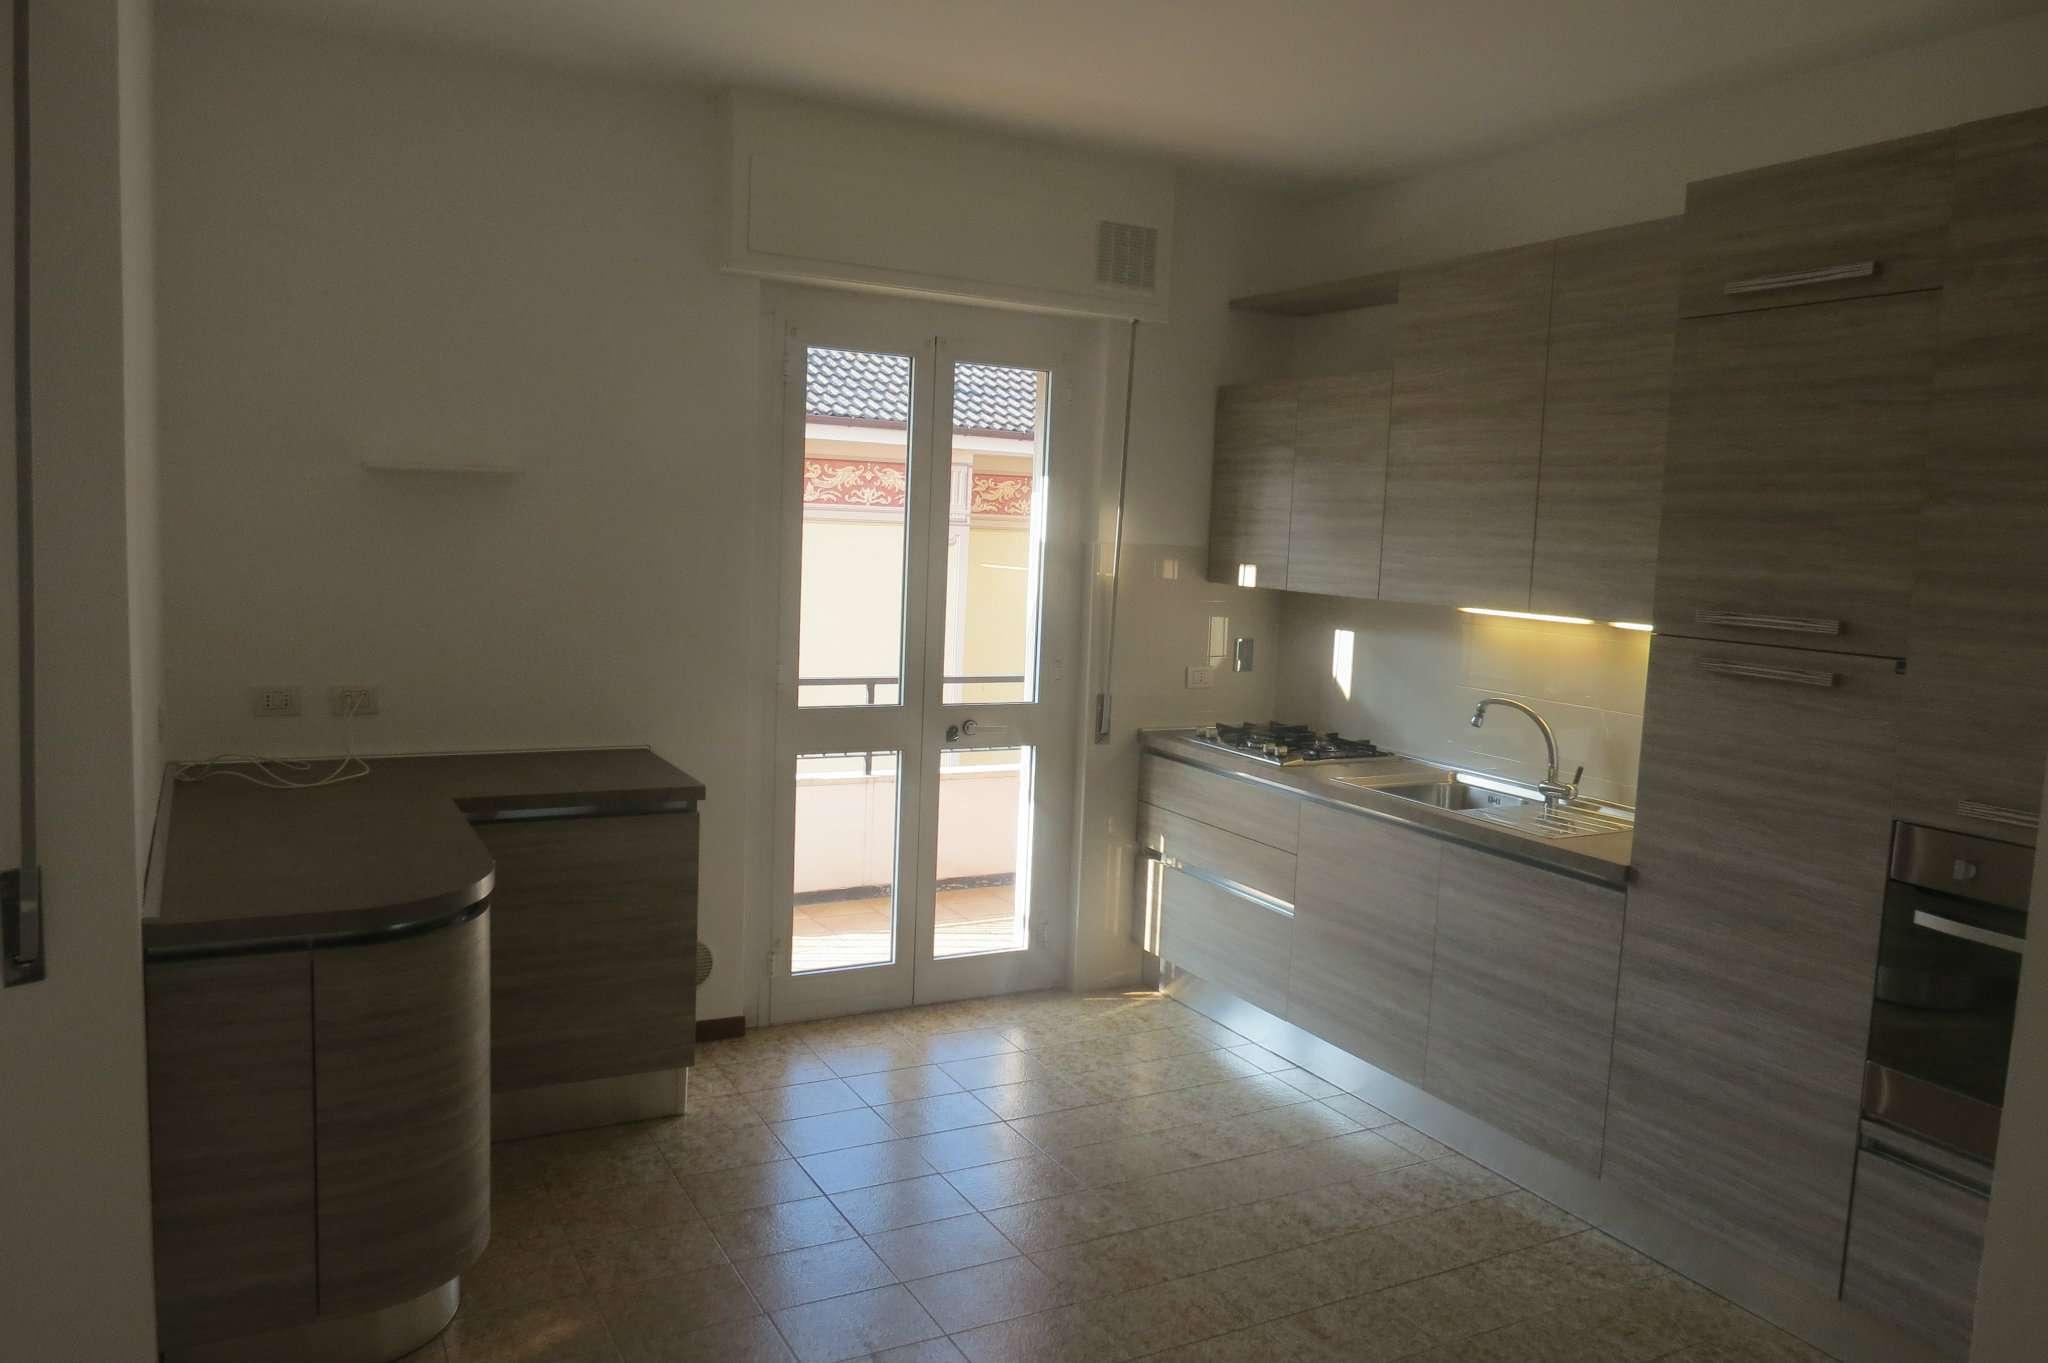 Appartamento in vendita a Cogorno, 3 locali, prezzo € 150.000 | CambioCasa.it